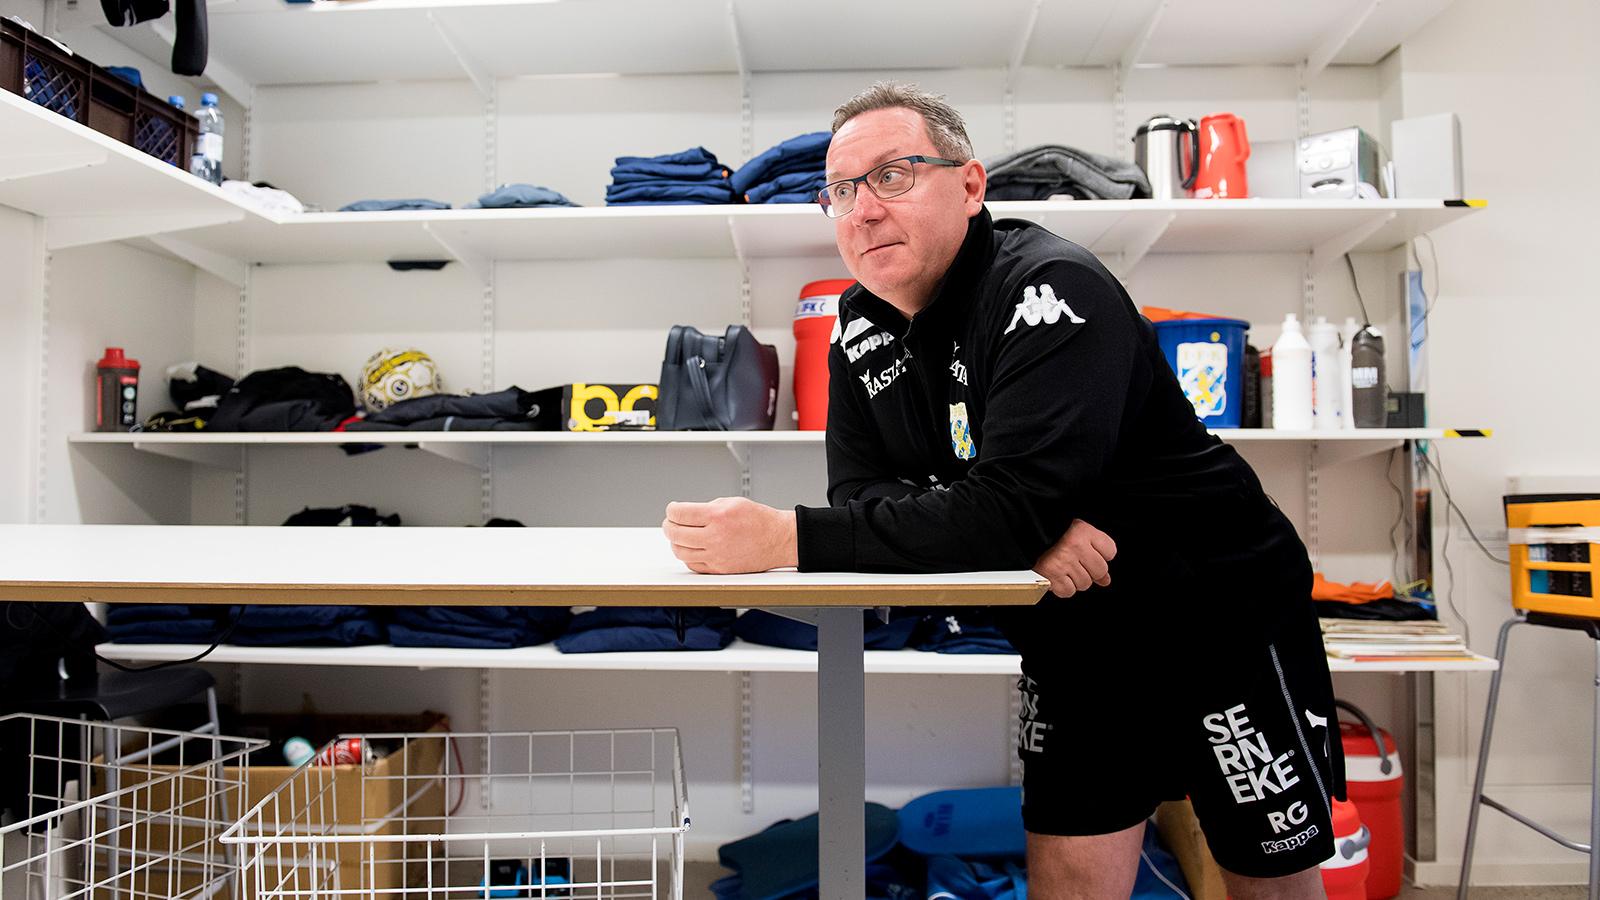 170412 Materialförvaltare Rolf Gustavsson på Kamratgården den 12 april 2017 i Göteborg.